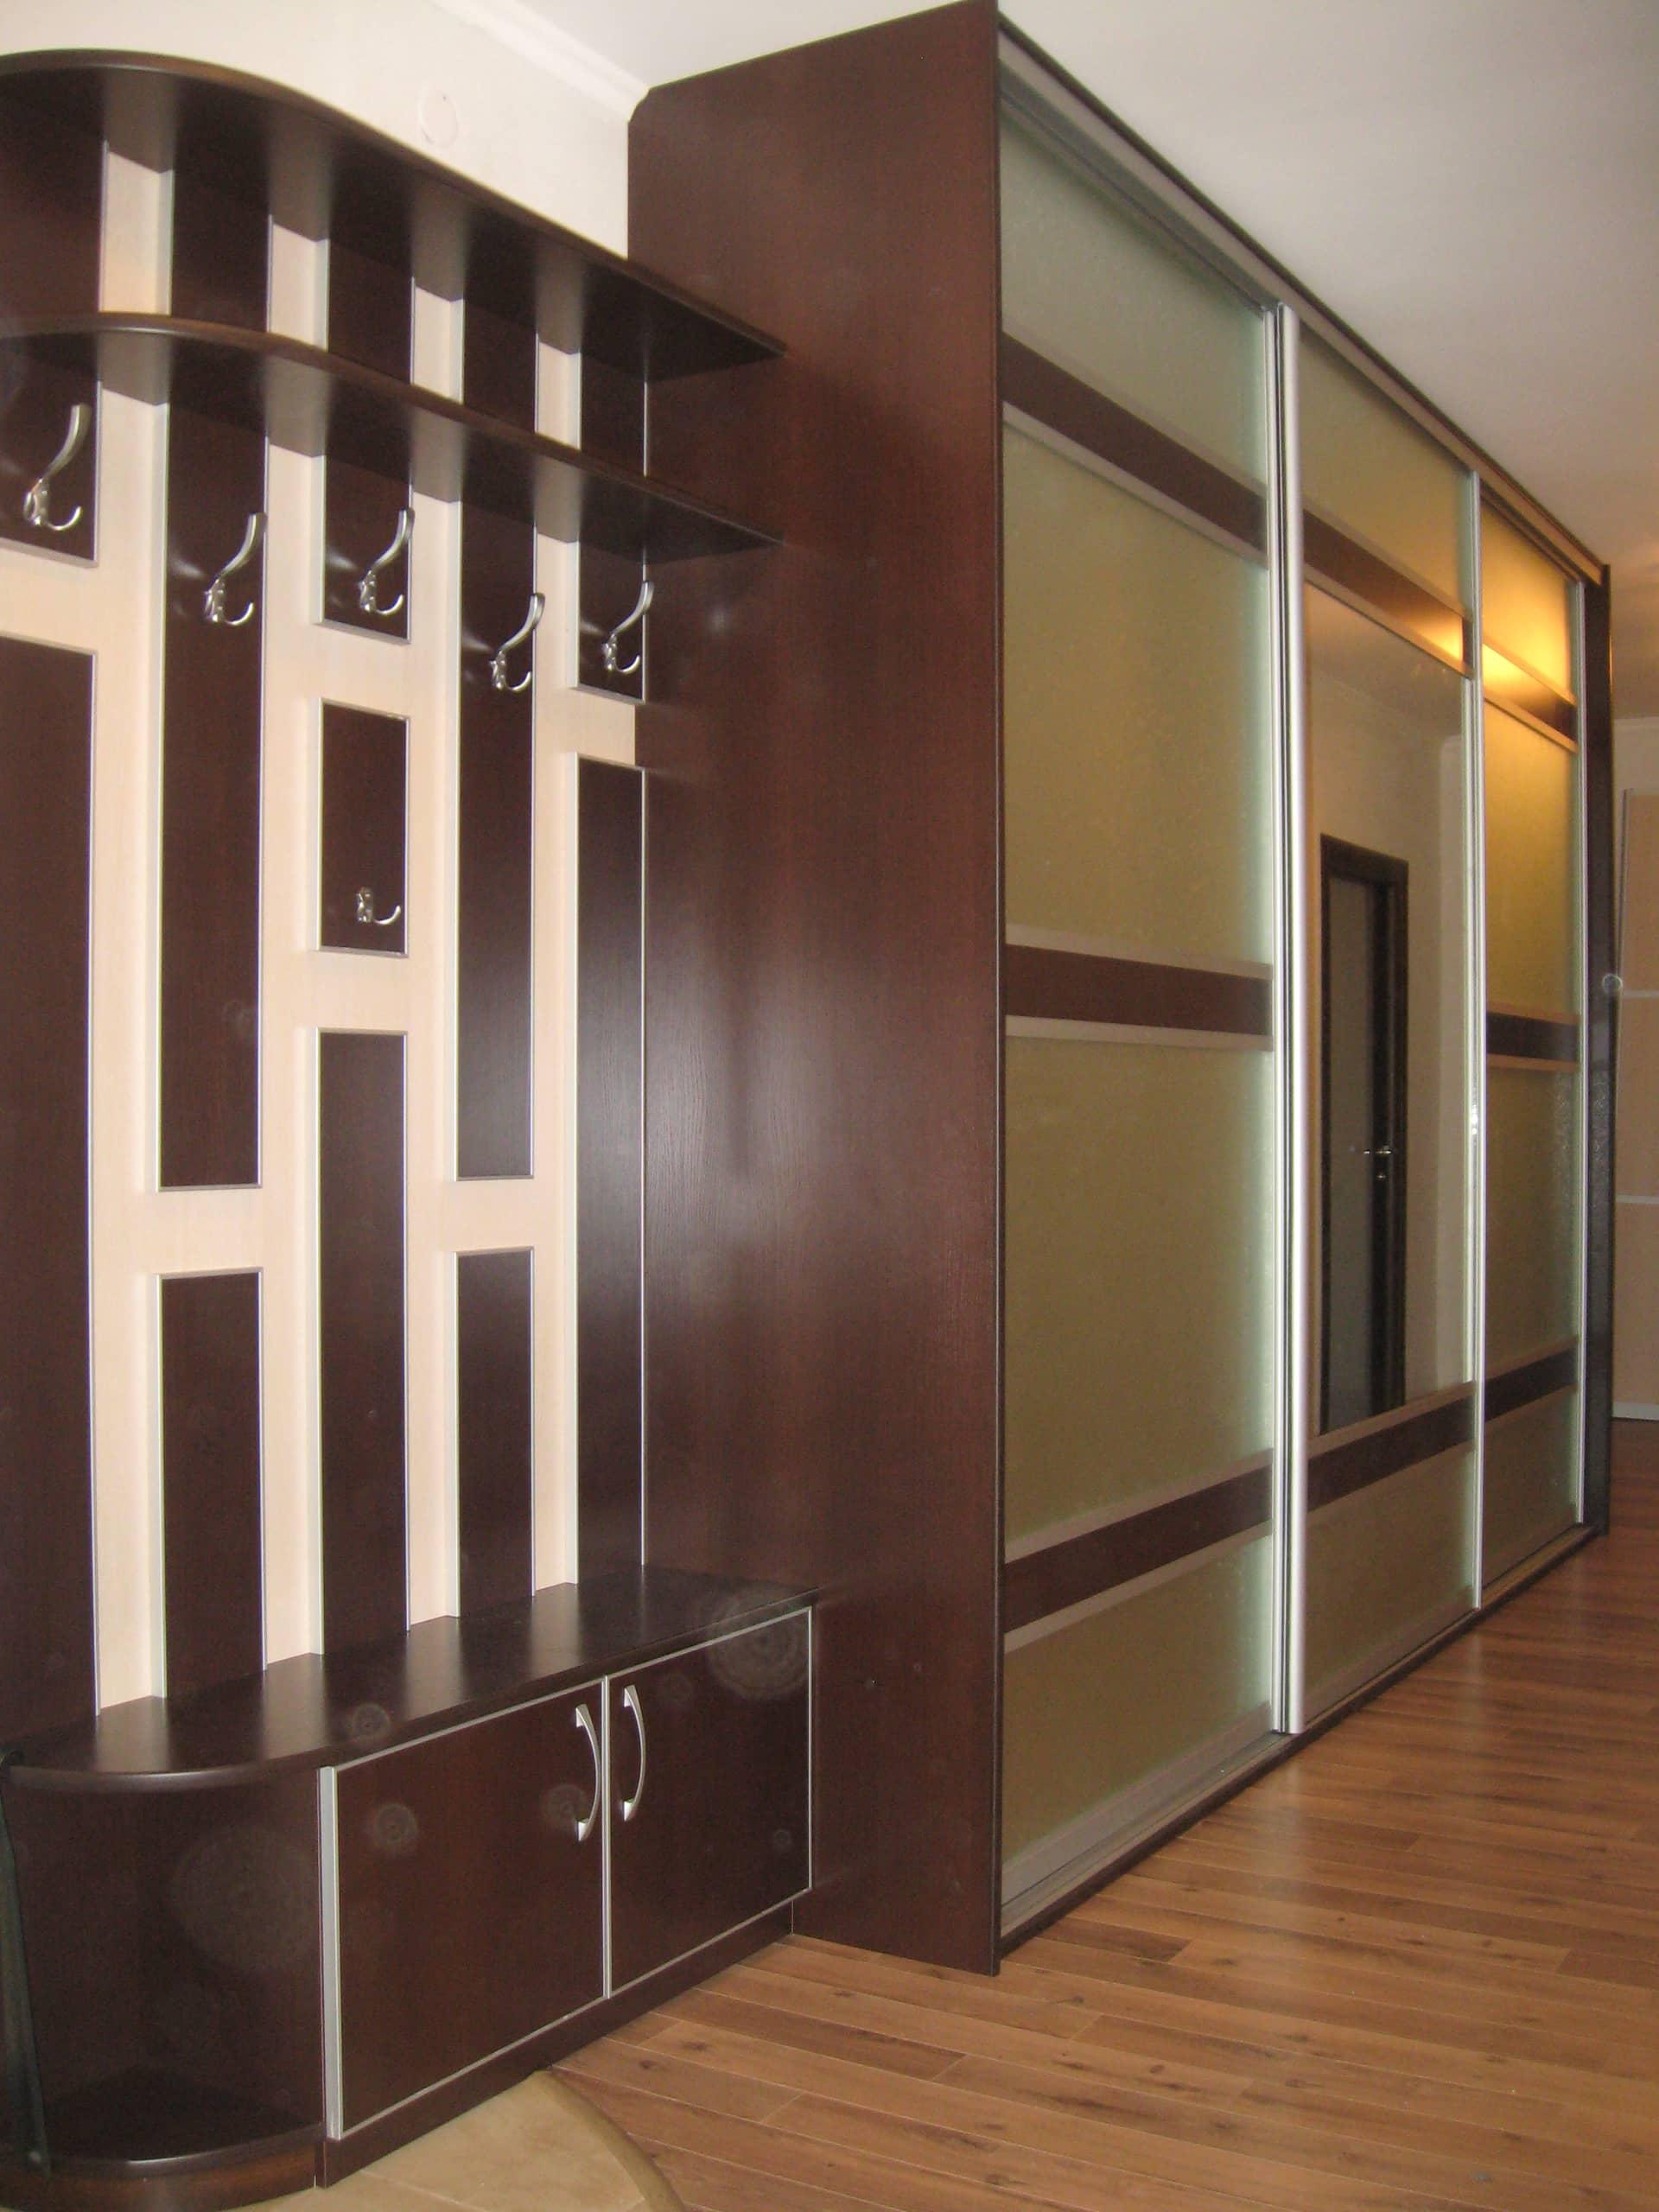 Встроенные угловые шкафы купе в гостиную фото петру